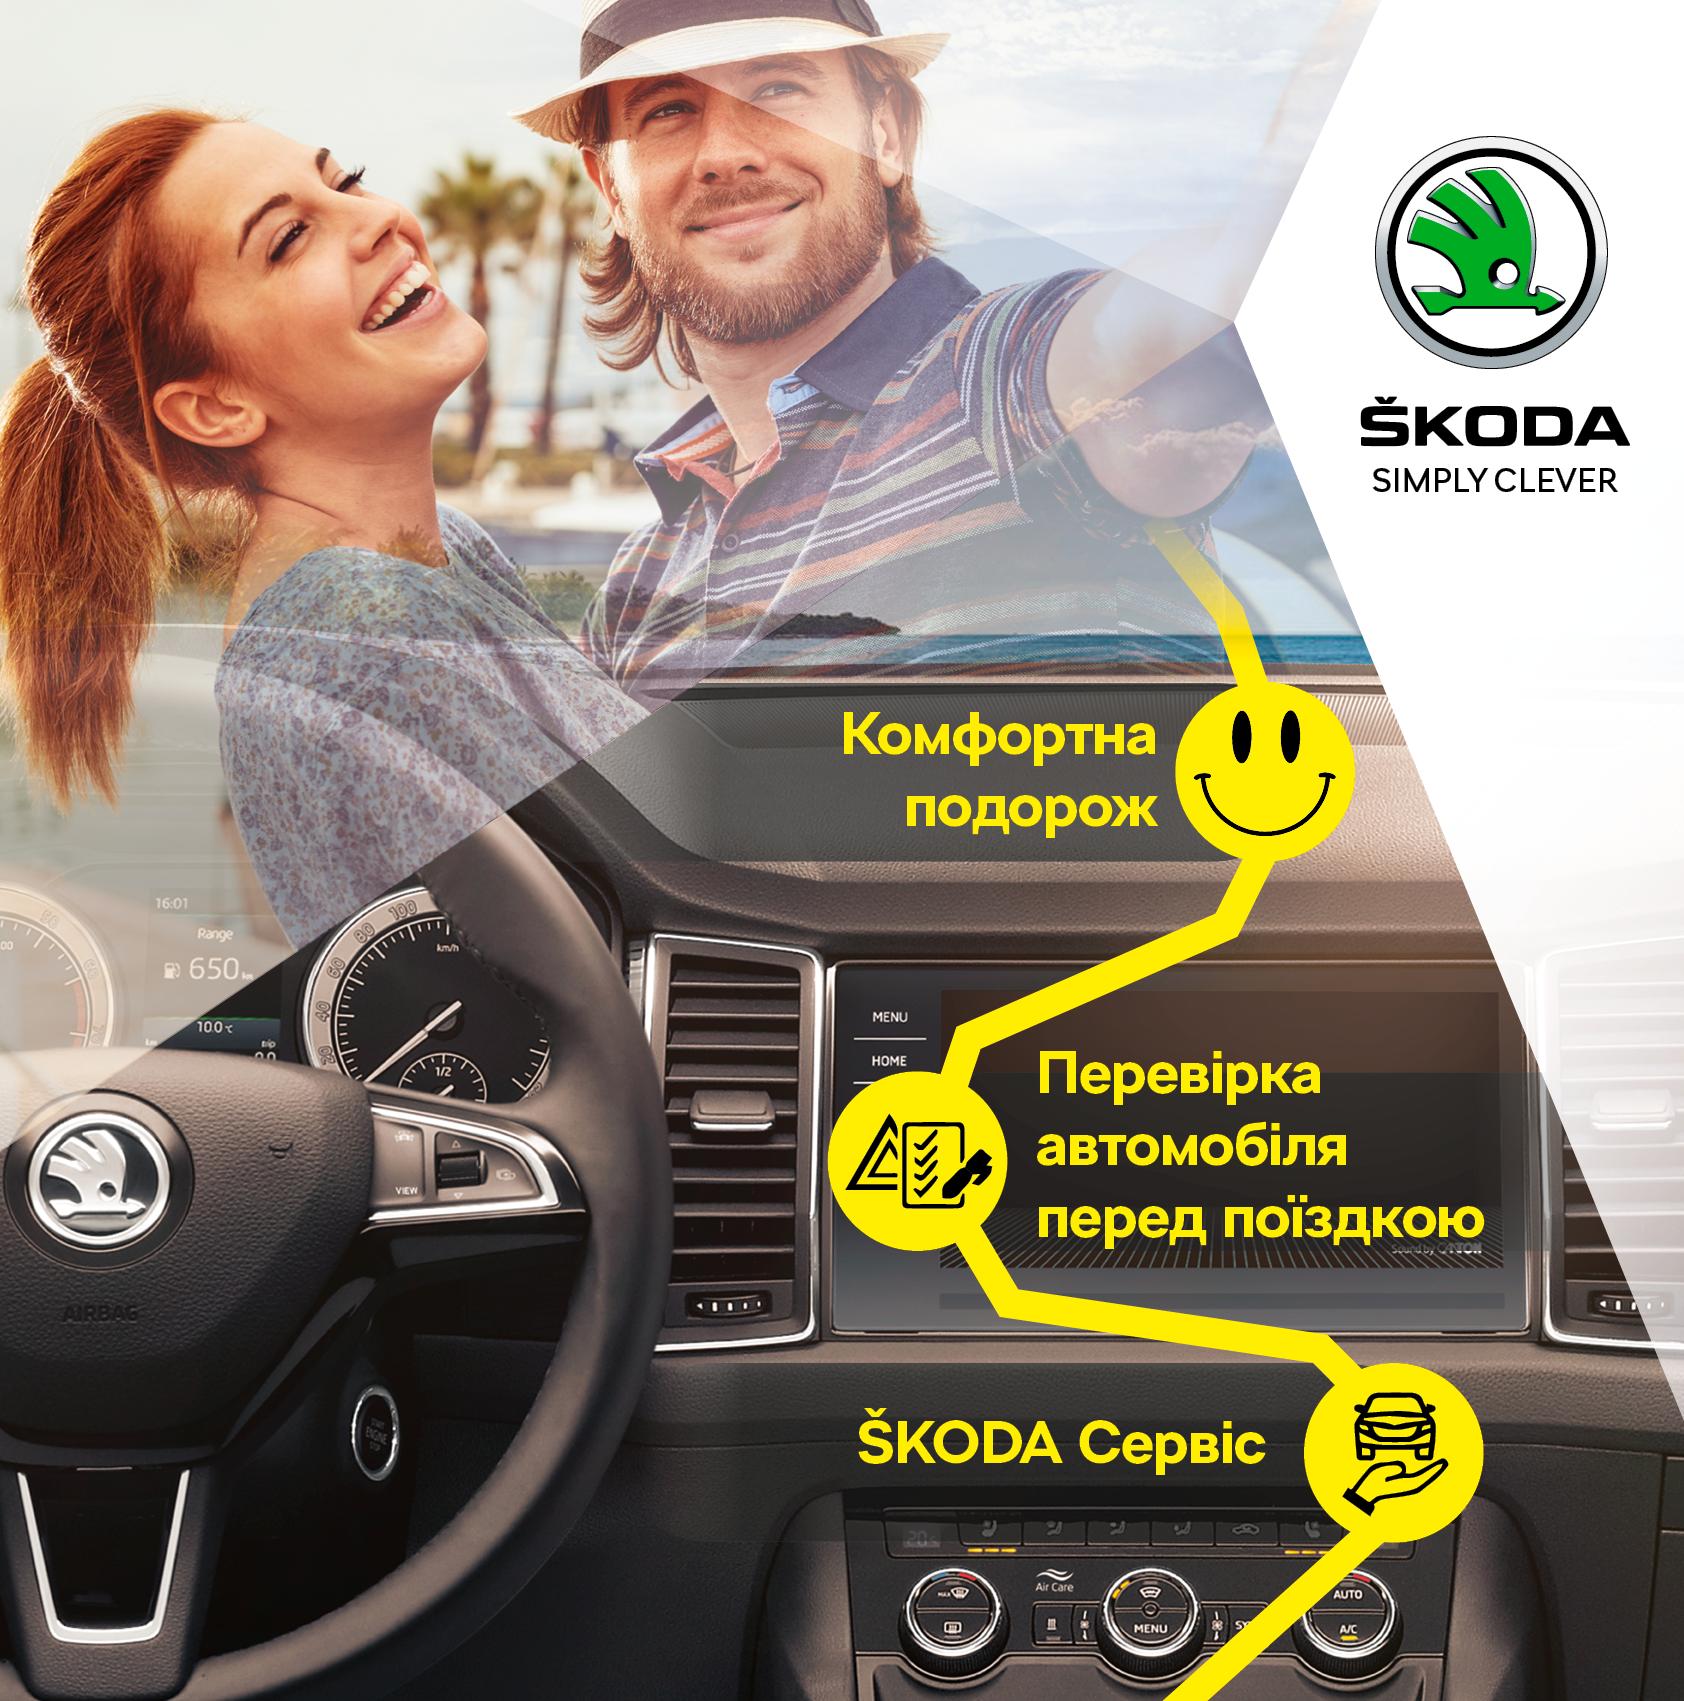 Акция на оригинальные запасные части ŠKODA «Спланируй свое путешествие».